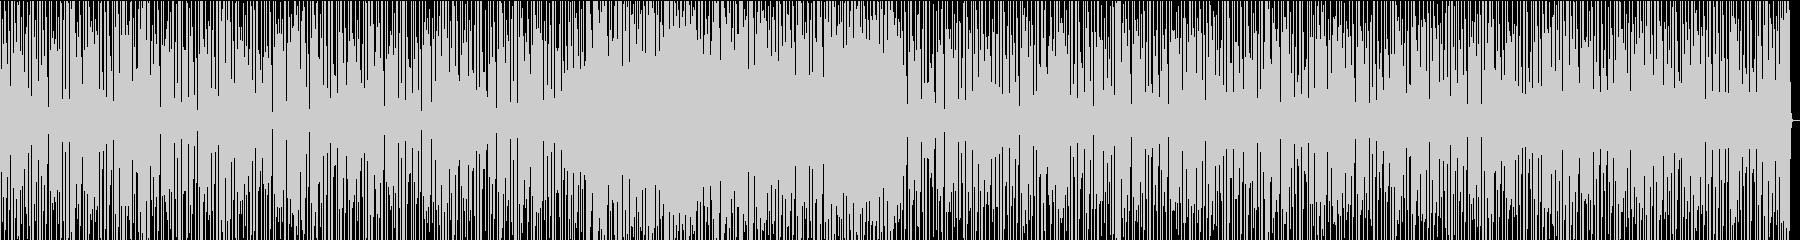 登場シーン向け・クールなギターリフの未再生の波形